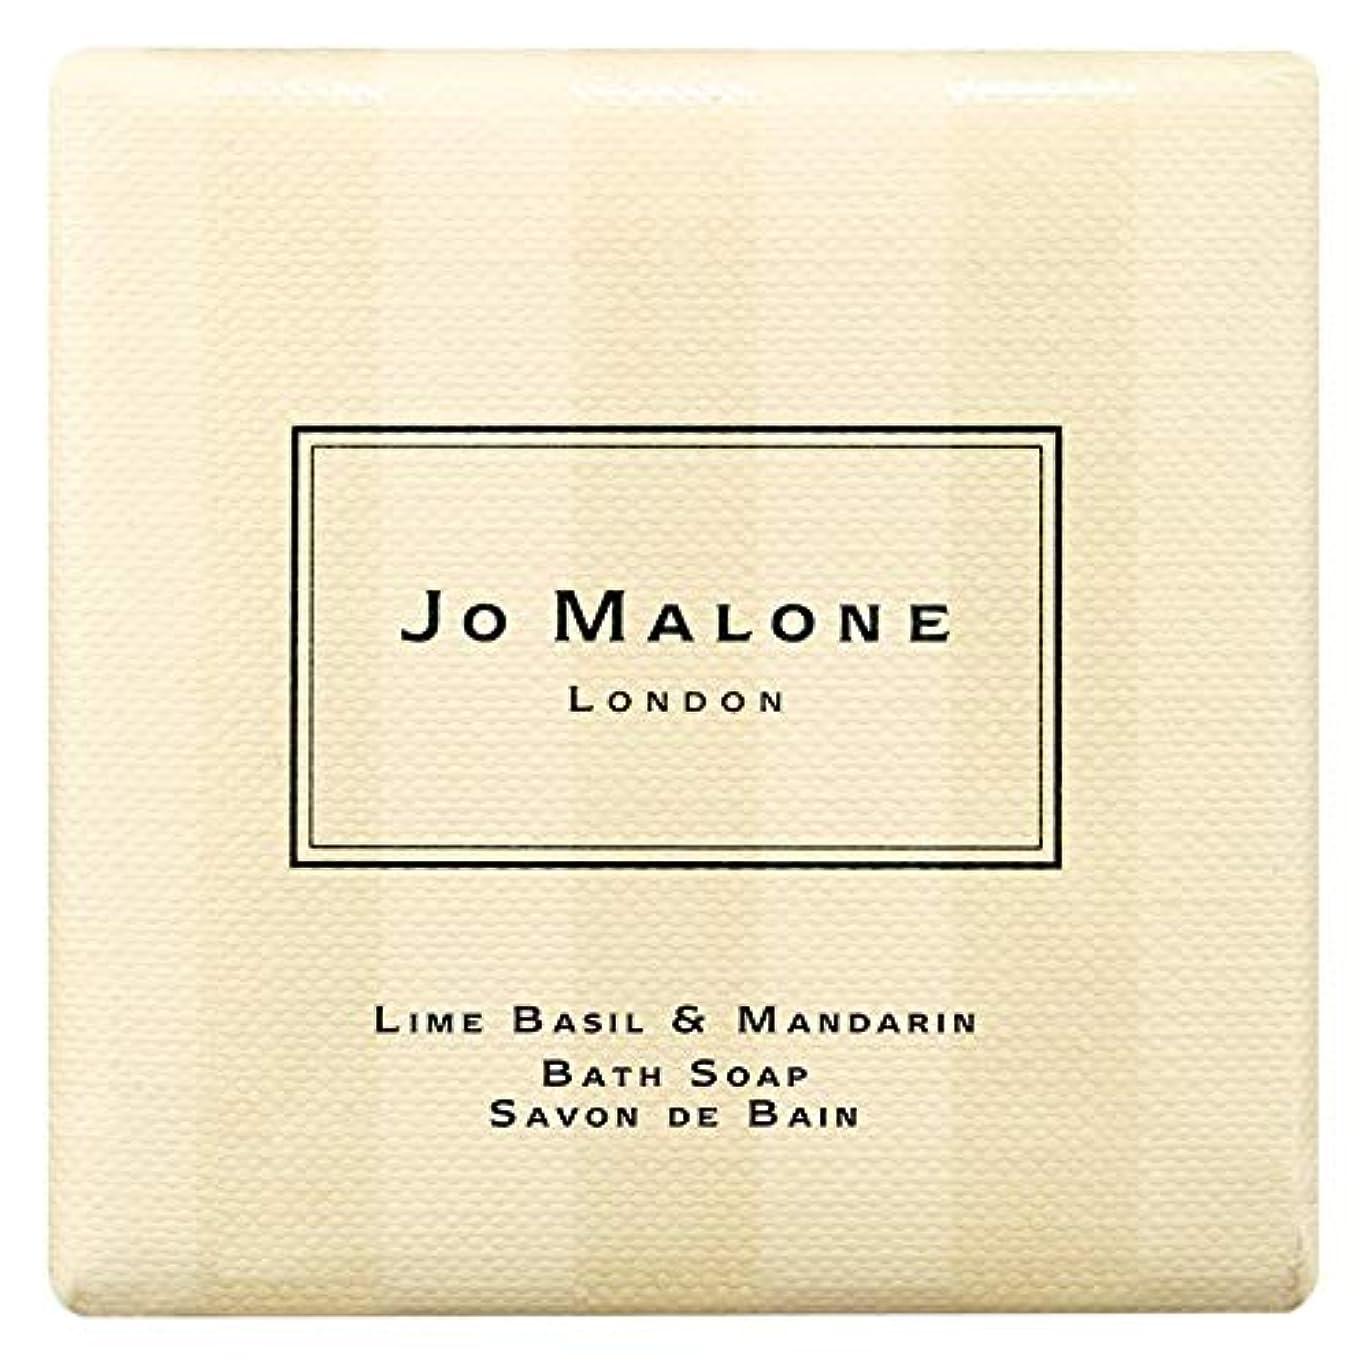 応答花火ドラフト[Jo Malone] ジョーマローンロンドンライムバジル&マンダリンお風呂の石鹸100グラム - Jo Malone London Lime Basil & Mandarin Bath Soap 100g [並行輸入品]